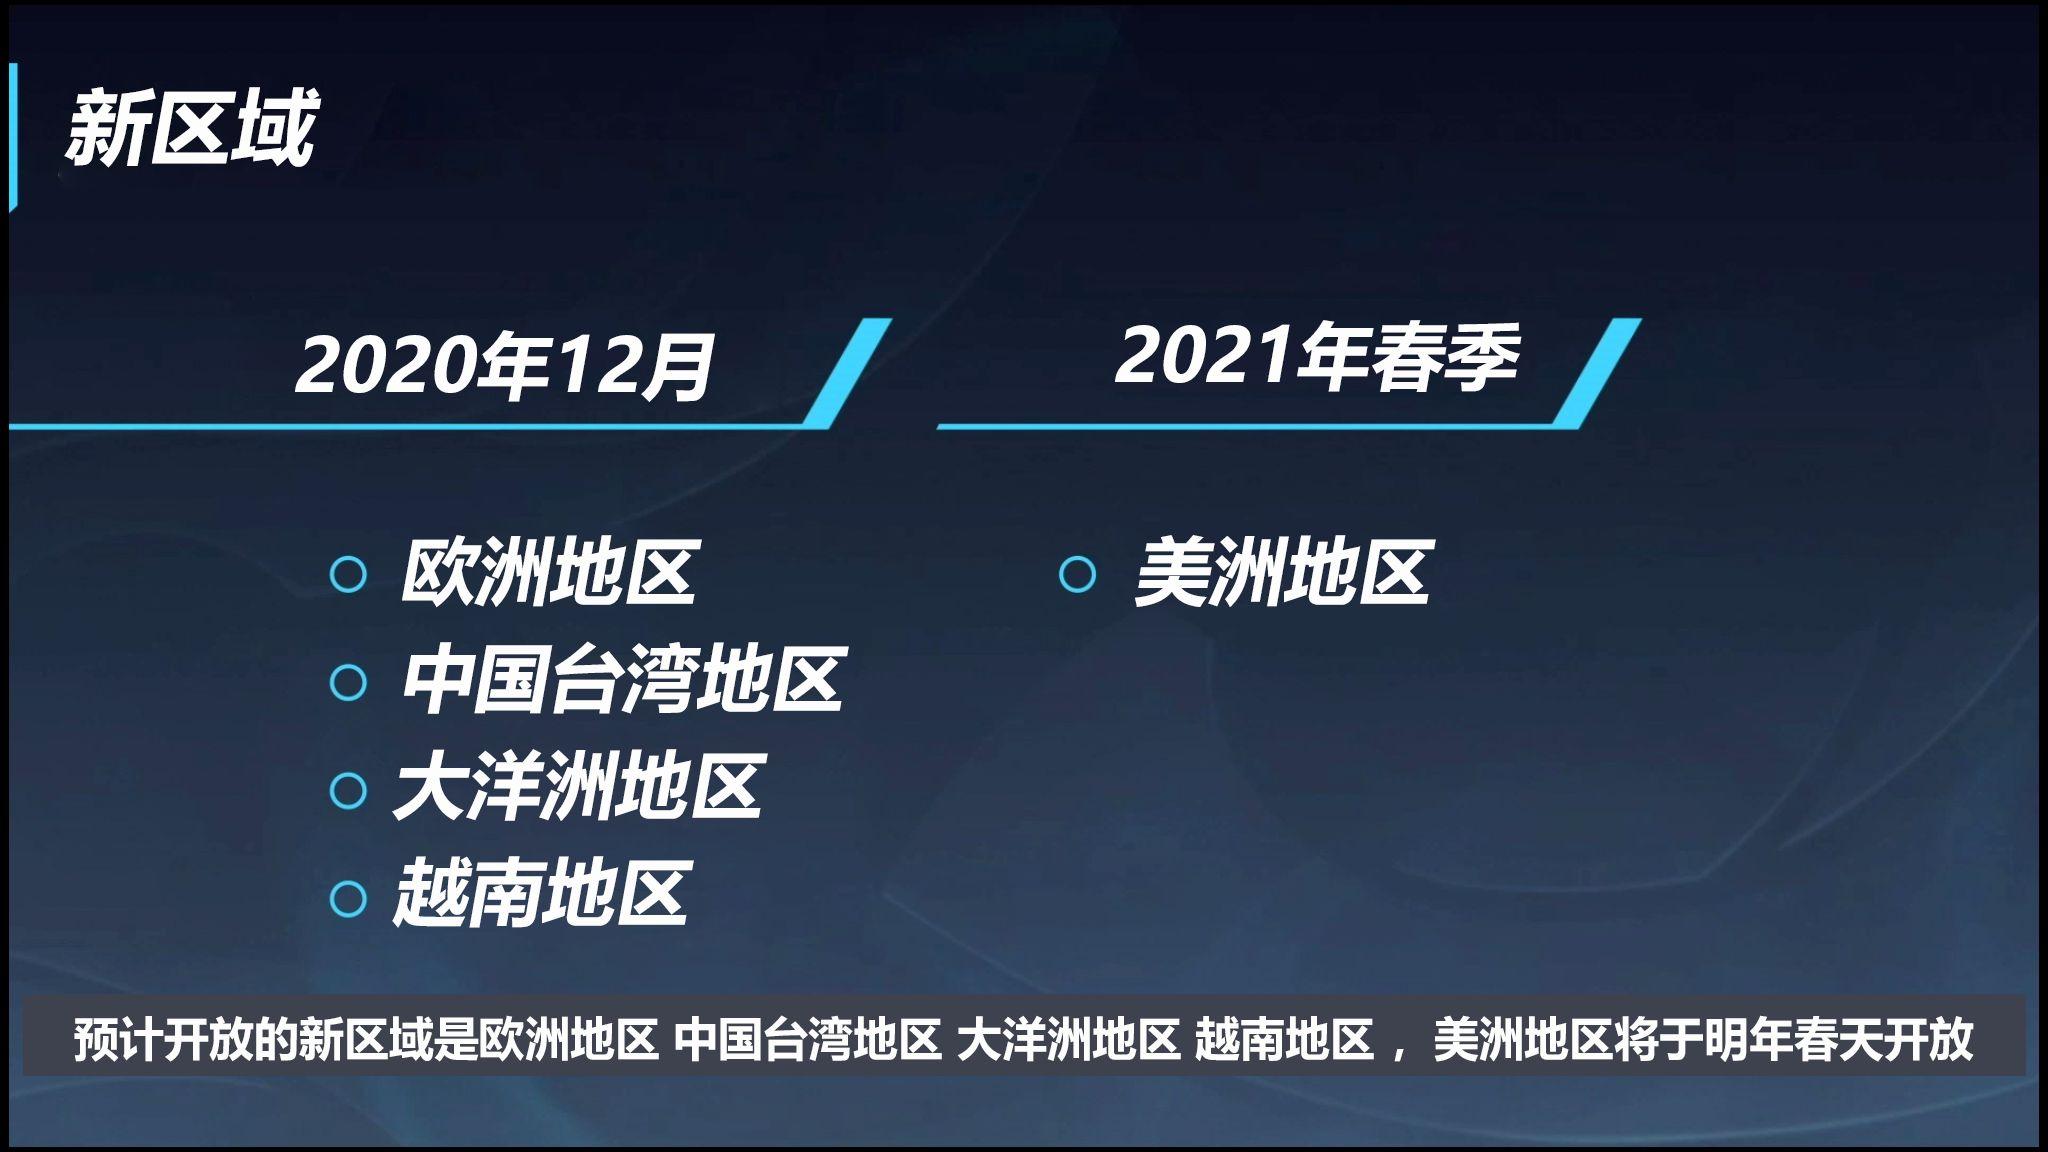 《英雄联盟手游》10.27海外公开测试!日韩、东南亚等地区...